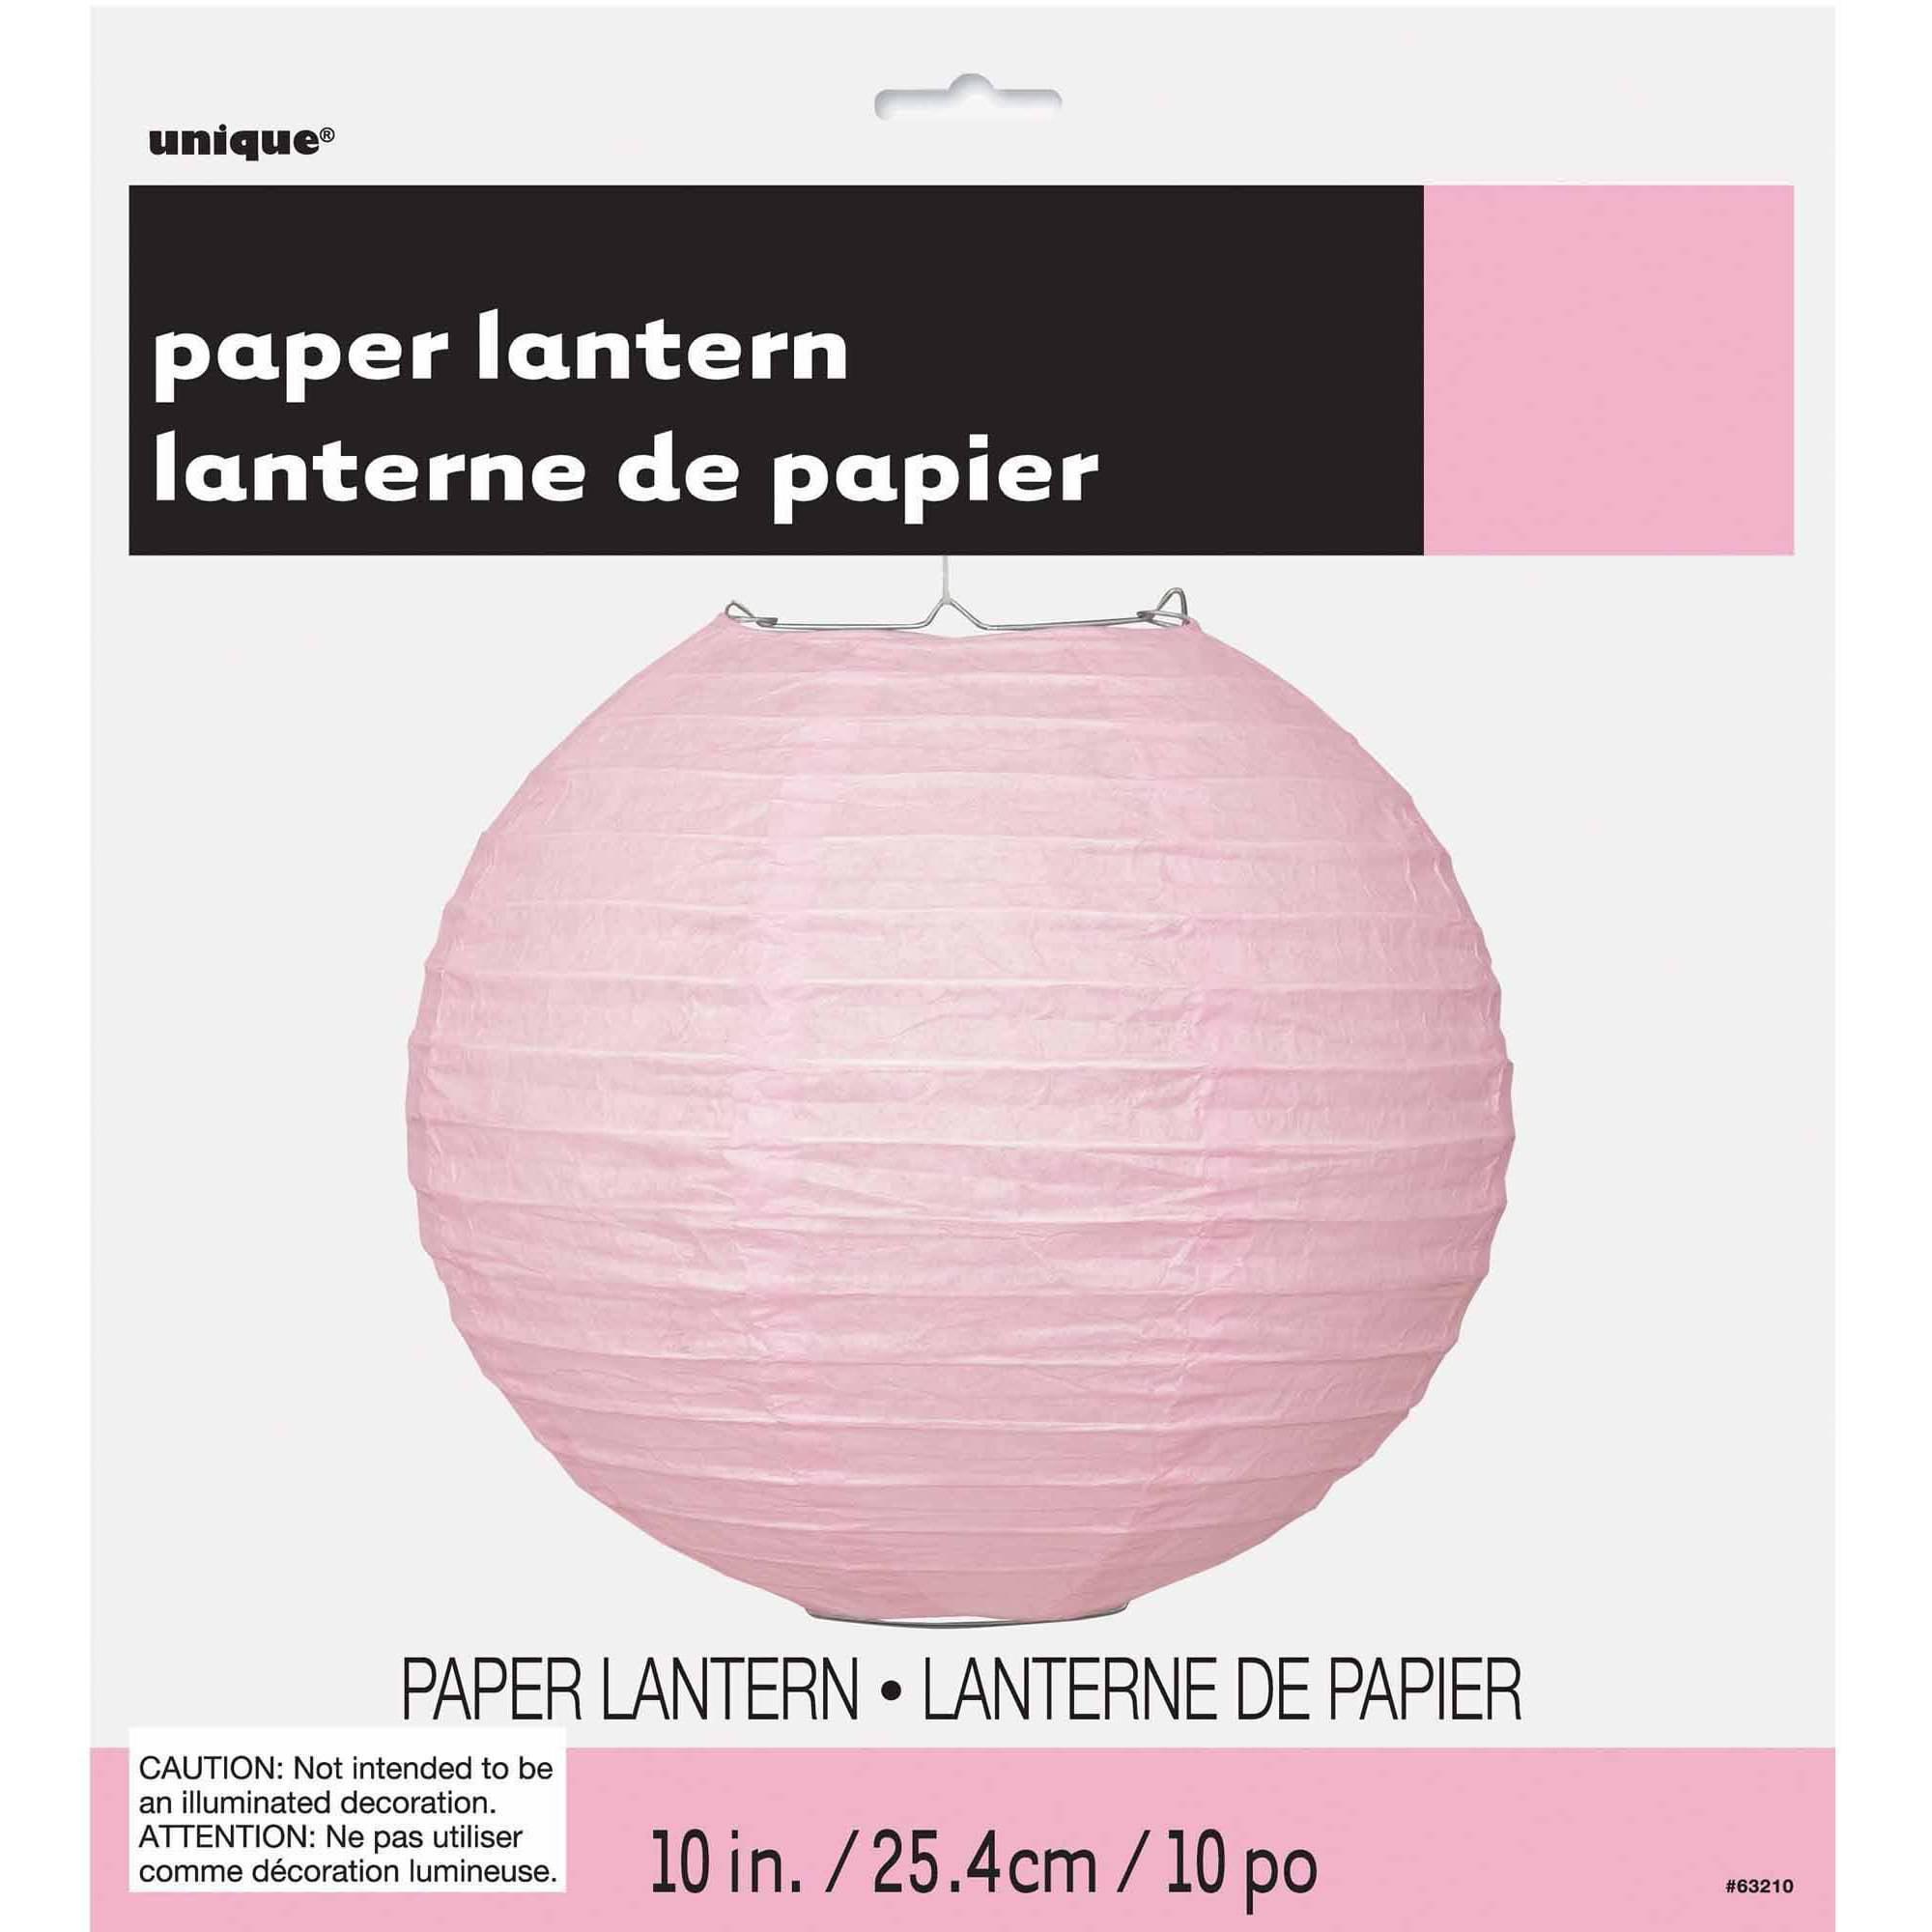 Round Paper Lantern, 10 in, Light Pink, 1ct